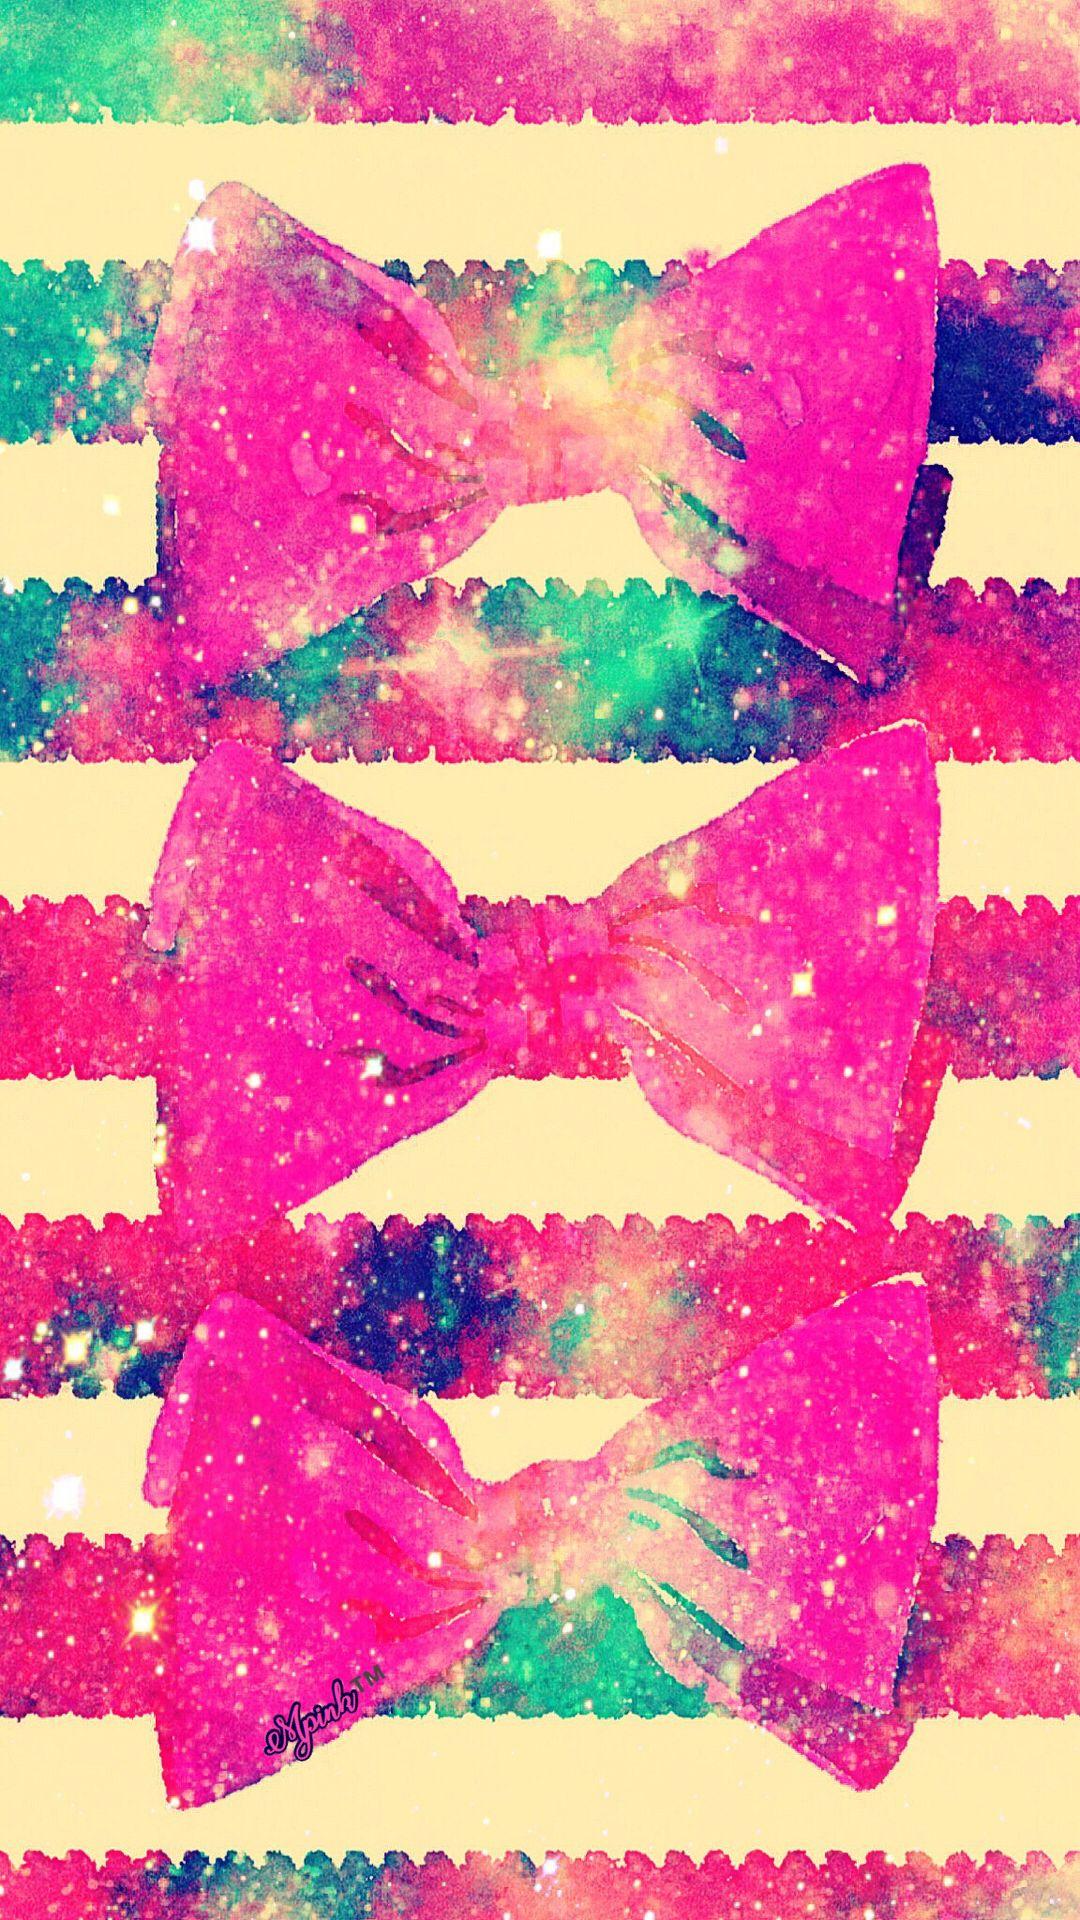 Cute Shopkins Wallpaper Hd Pin Szerzője Horv 225 Th Laura K 246 Zz 233 T 233 Ve Itt H 225 Tterek